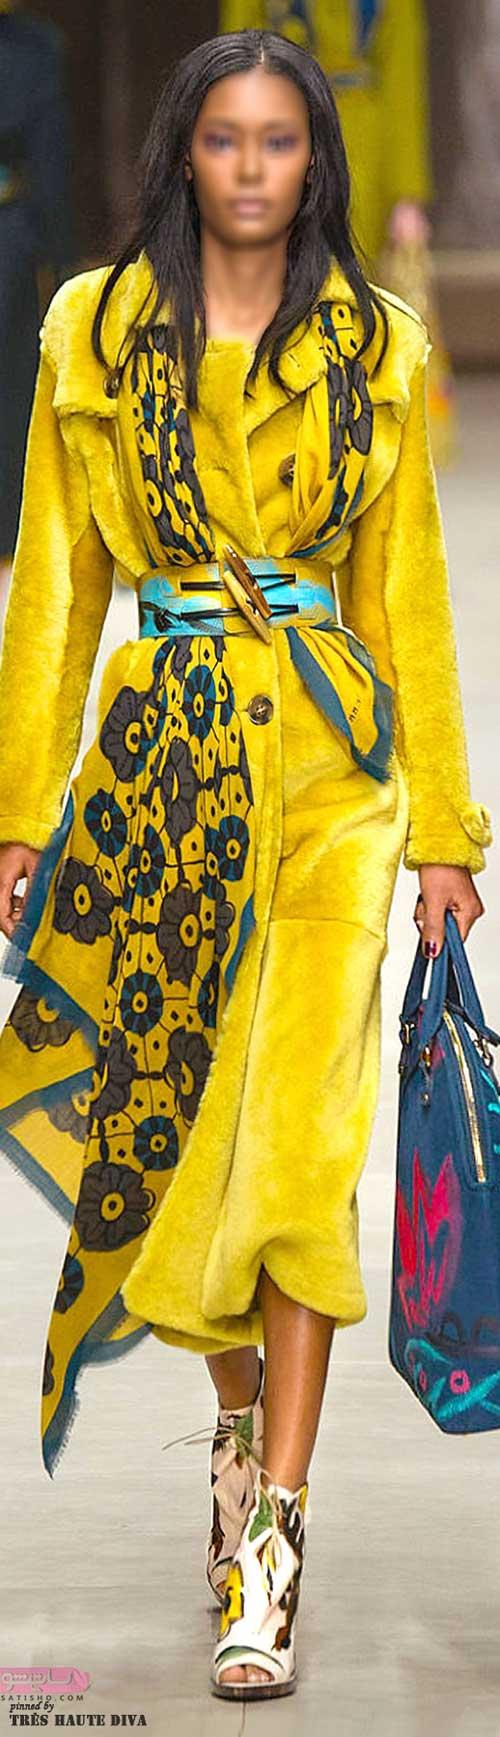 مدل های جدید مانتو برای عید نوروز 98